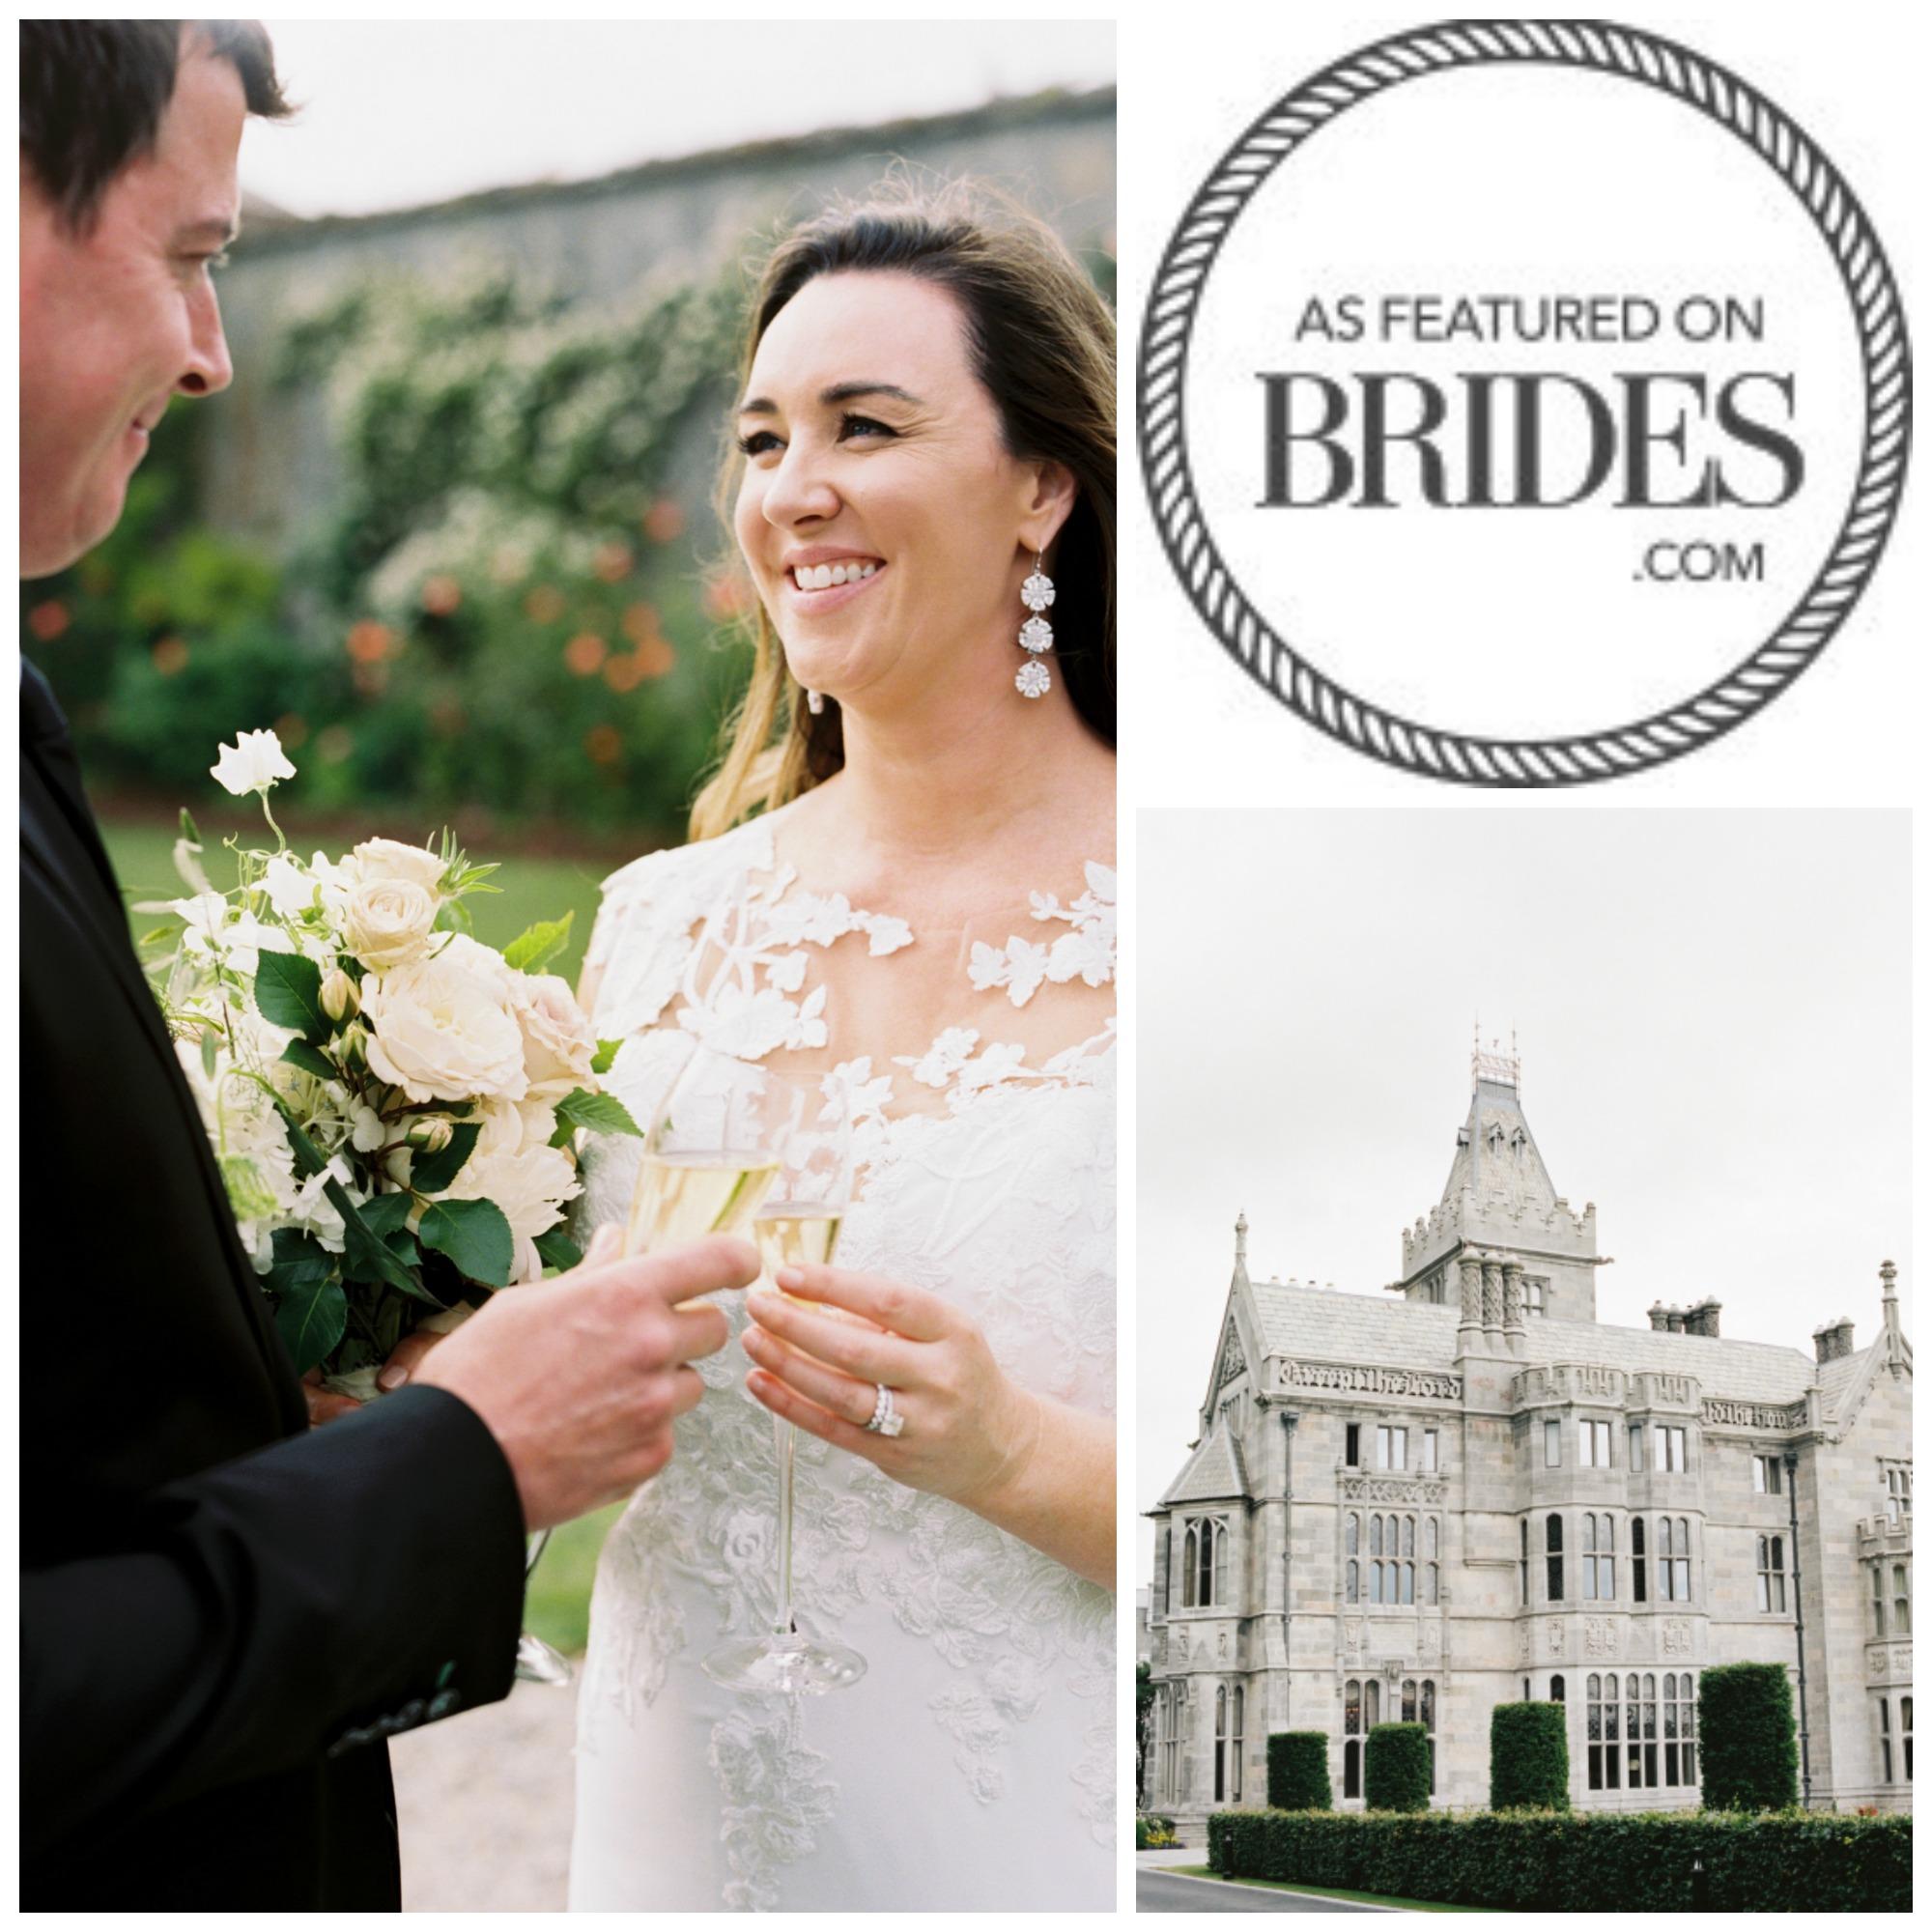 Brides magazine wedding feature Cove Cake Design